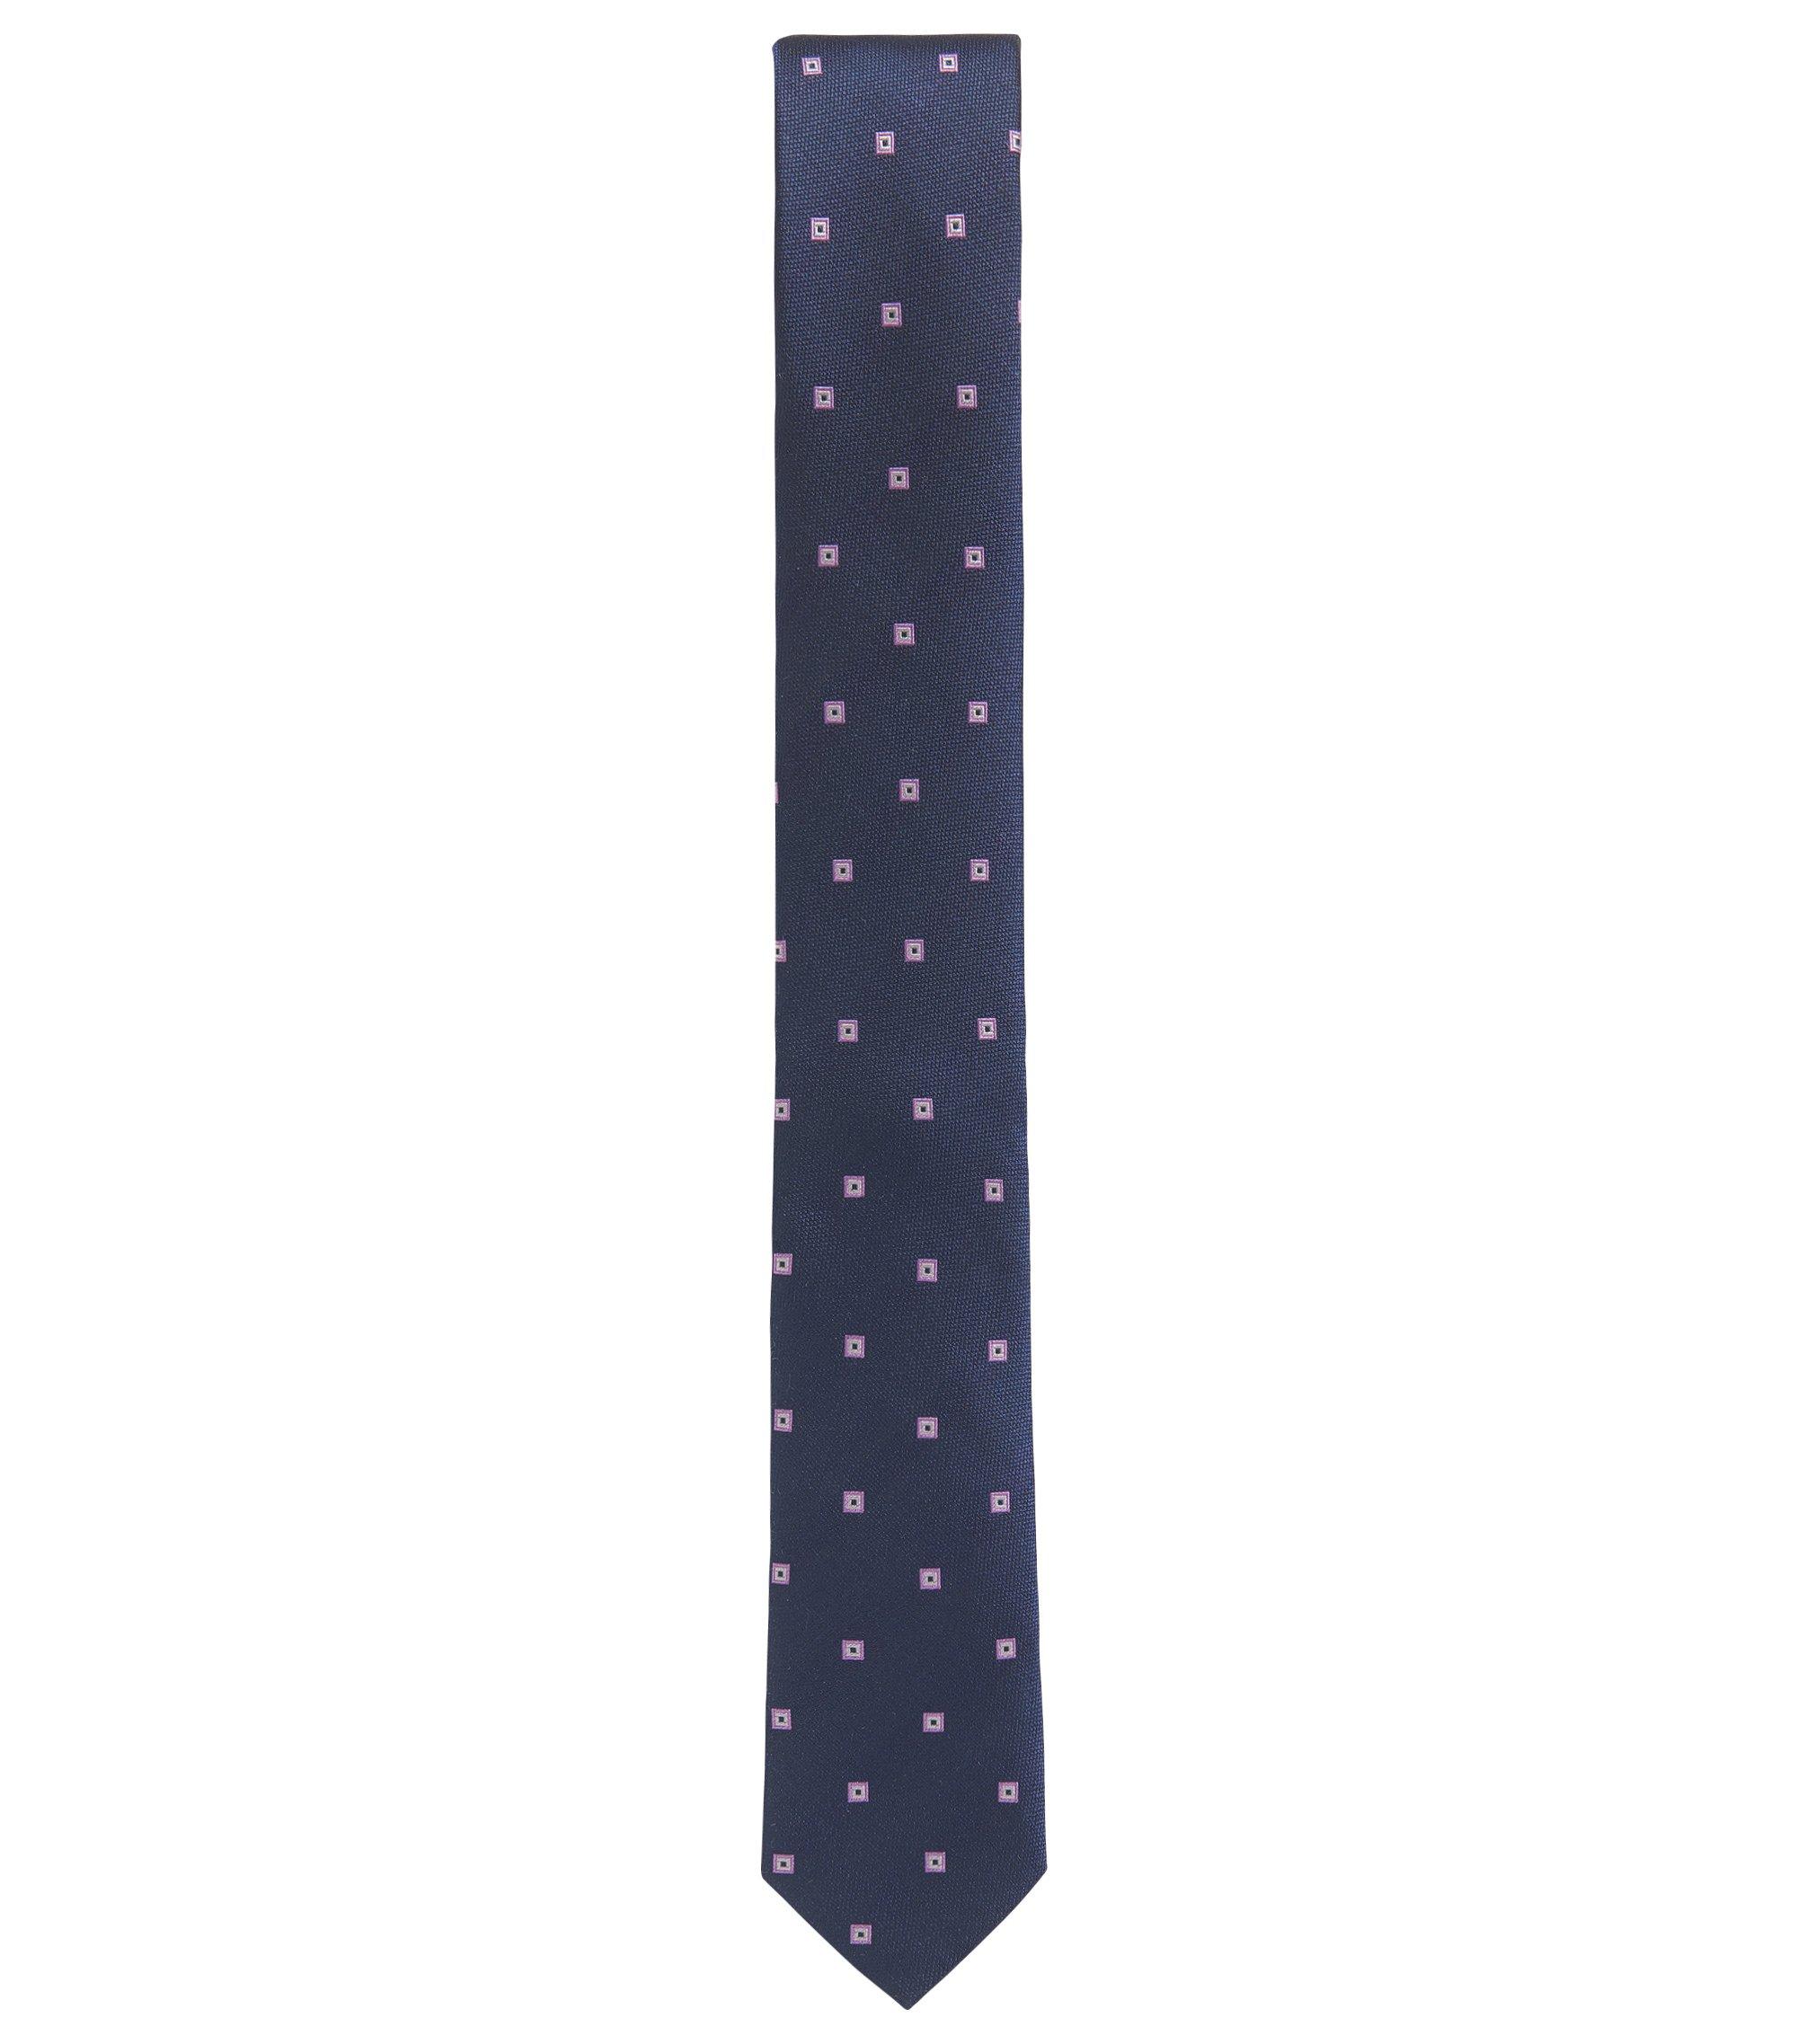 Cravate jacquard en soie à motif, Bleu foncé